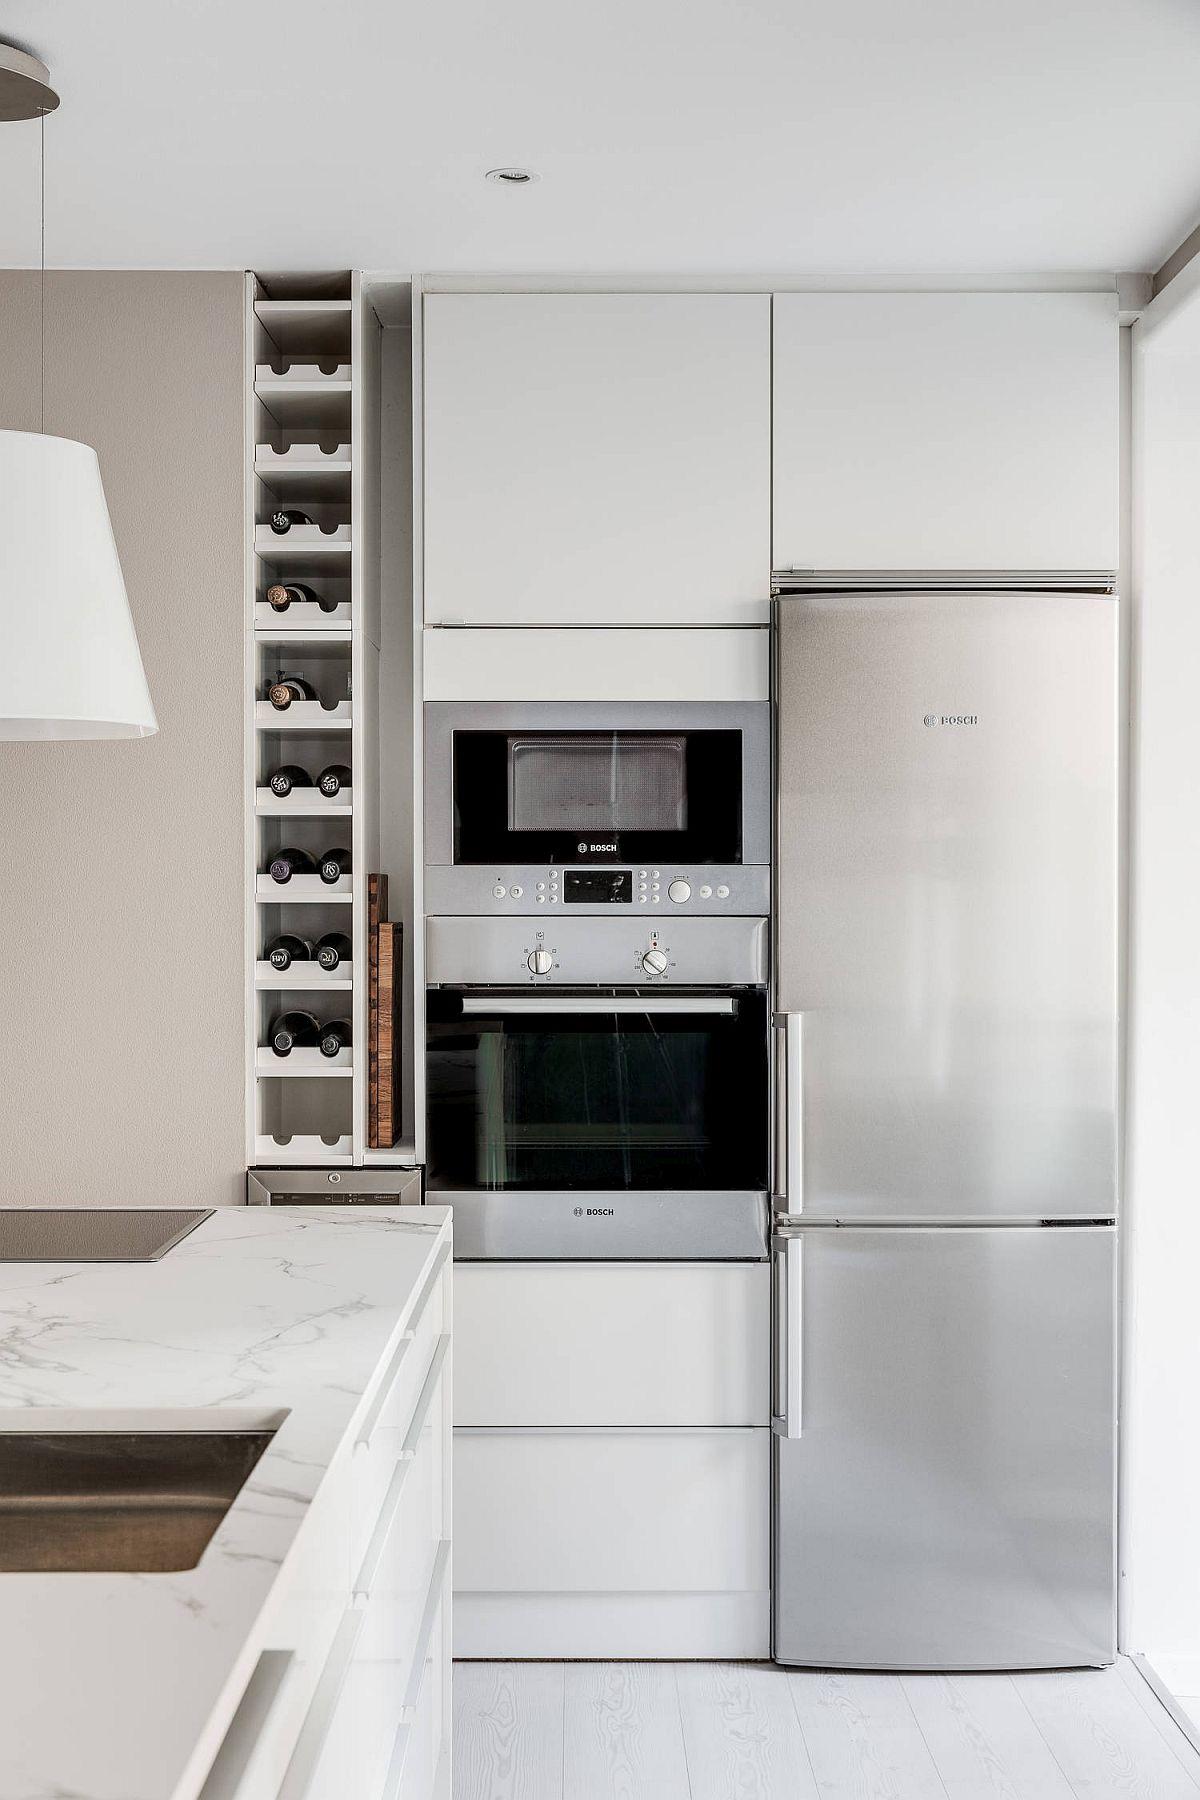 Locul pentru electrocasnicele mari este grupat într-o niță a bucătăriei, cu mobilier realizat pe comandă care face tot ansamblu să apară compact.